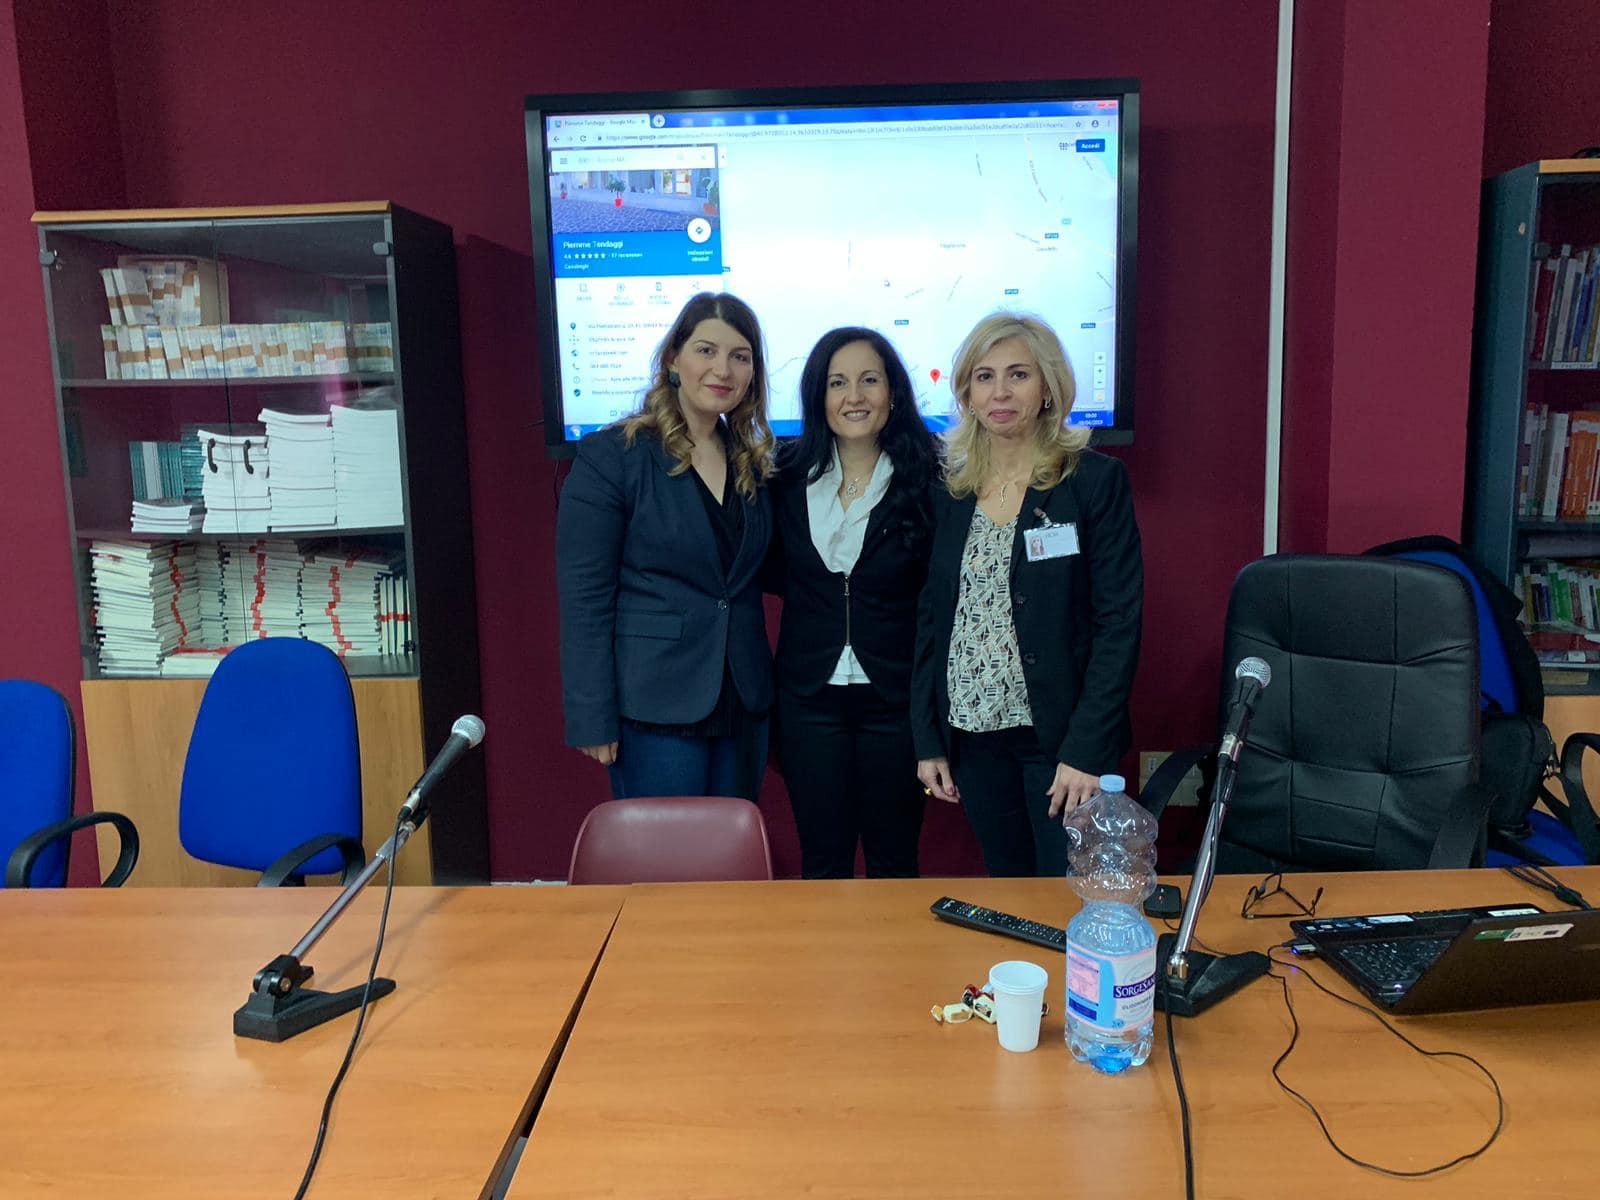 Recruiting Day presso l'Istituto L. Garofano di Capua